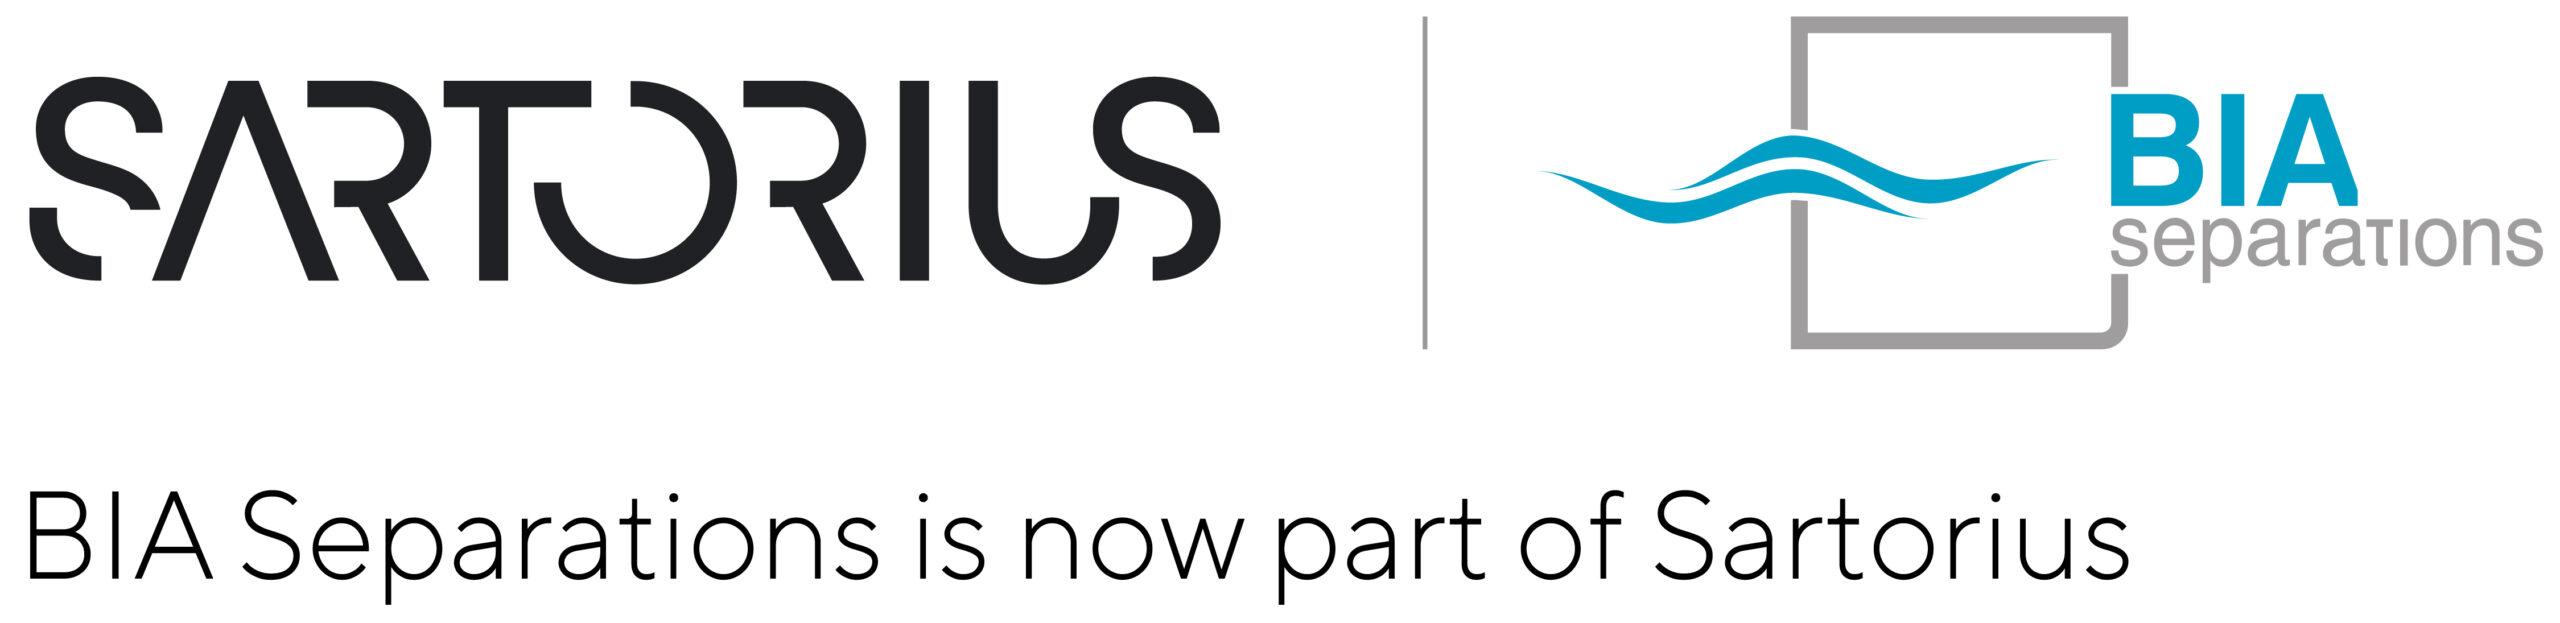 Sartorius-Logo_BIA-separations-Logo_Part-of Sartorius